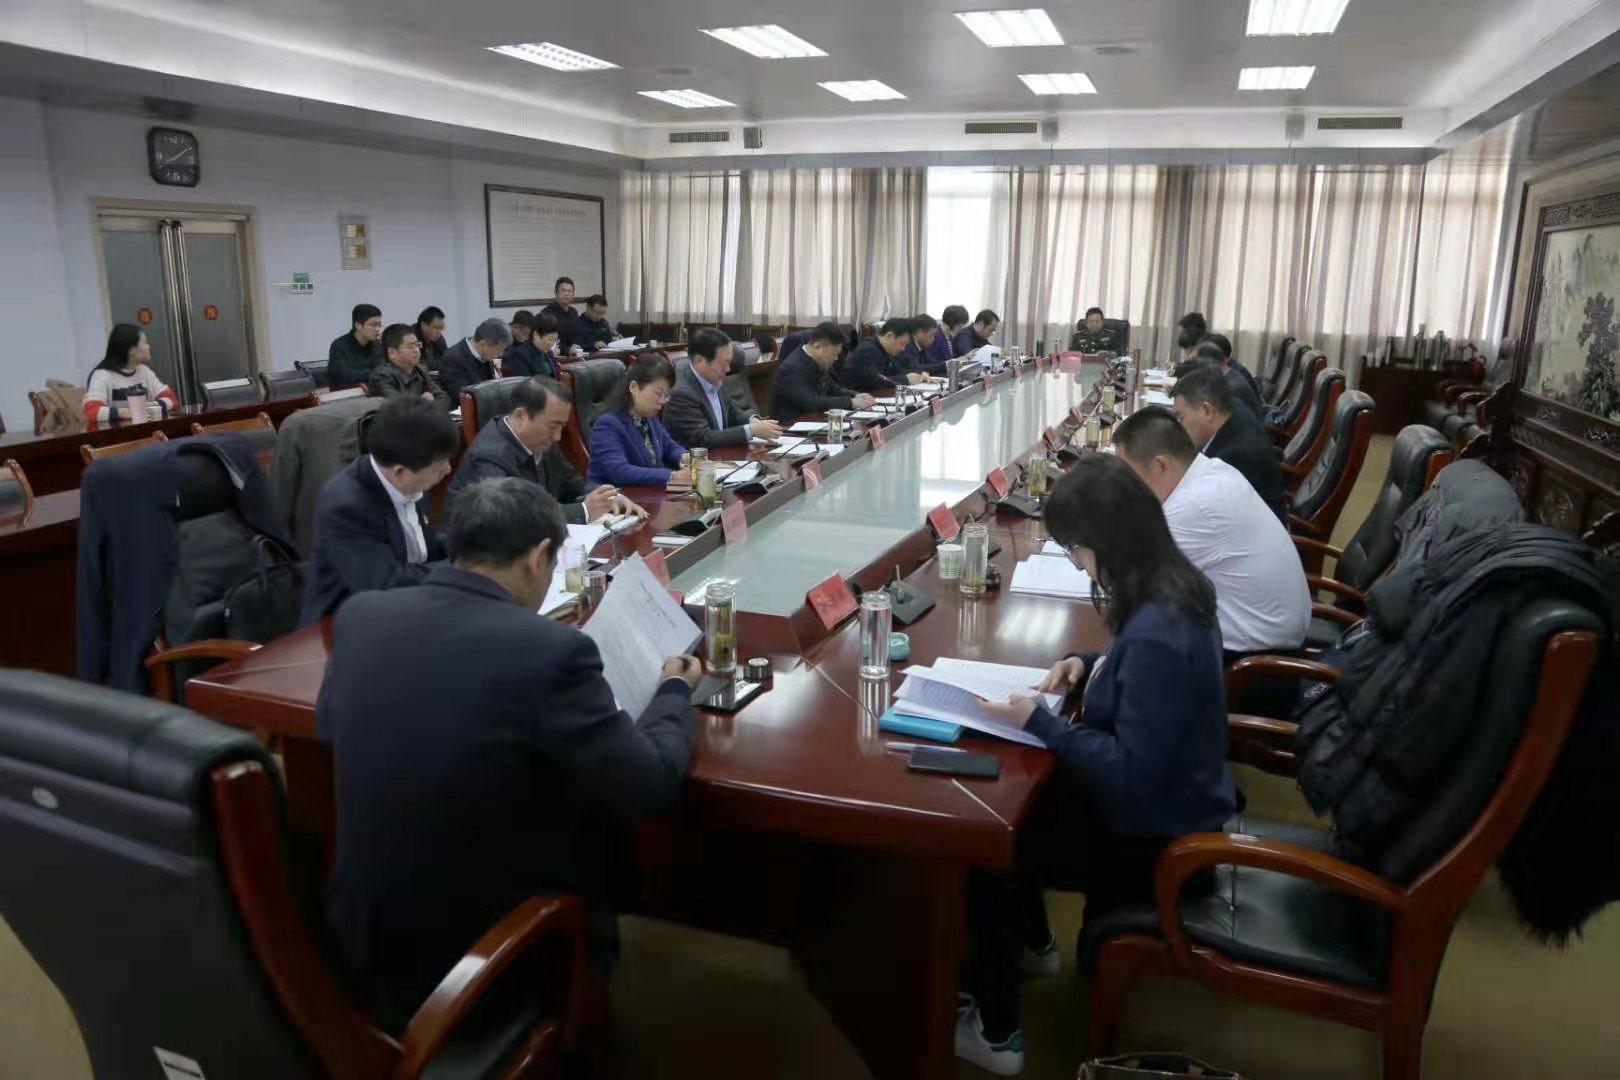 市委常委班子召开主题教育专题民主生活会